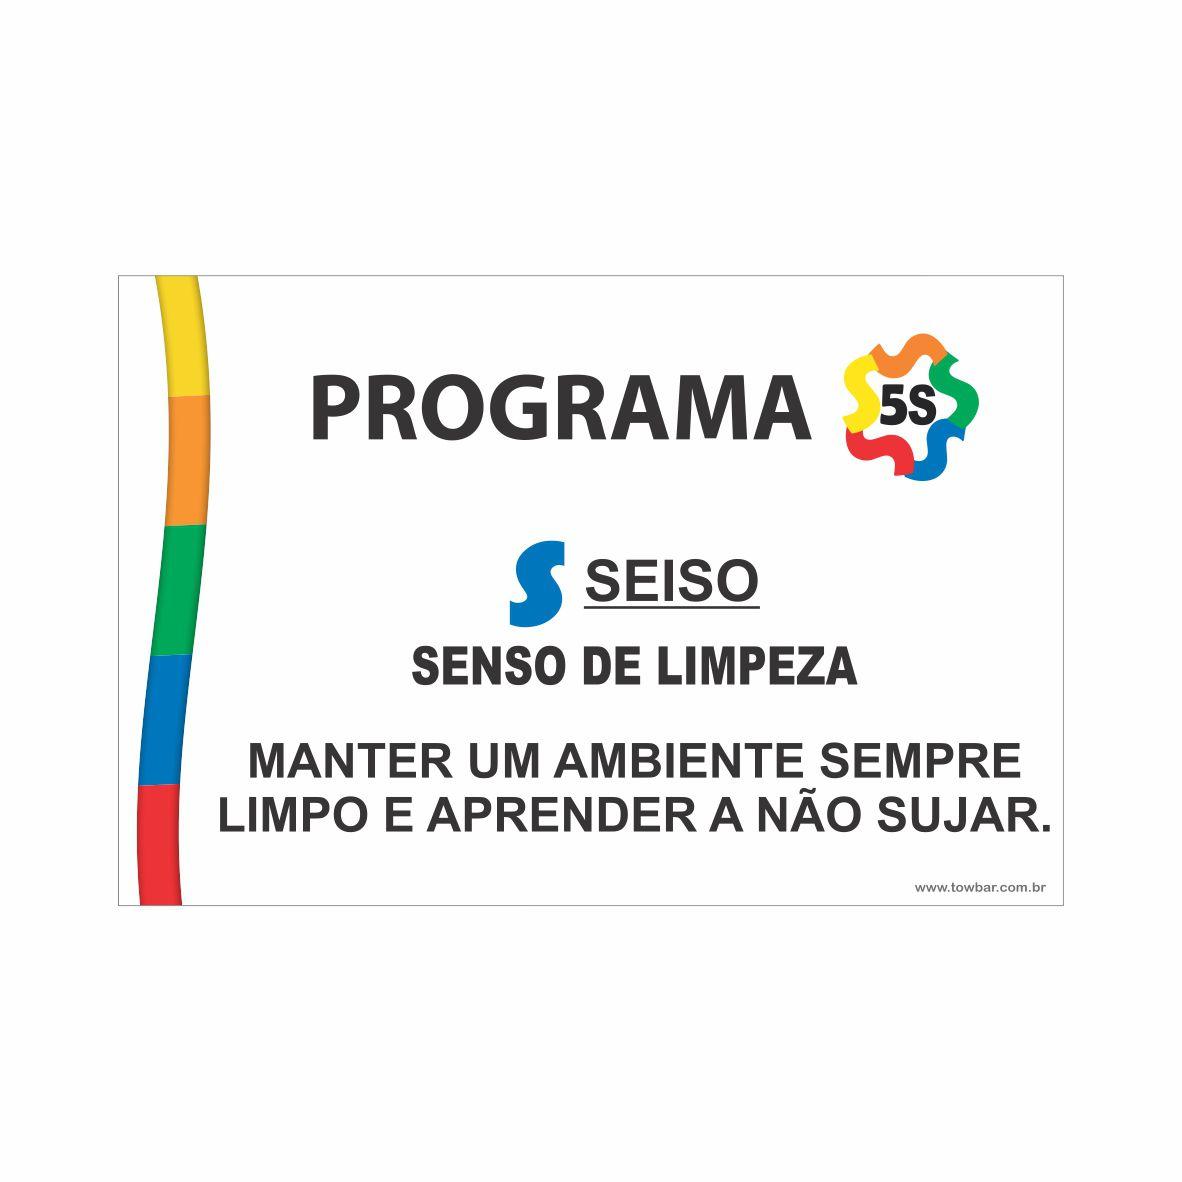 Programa 5S - Seiso  - Towbar Sinalização de Segurança